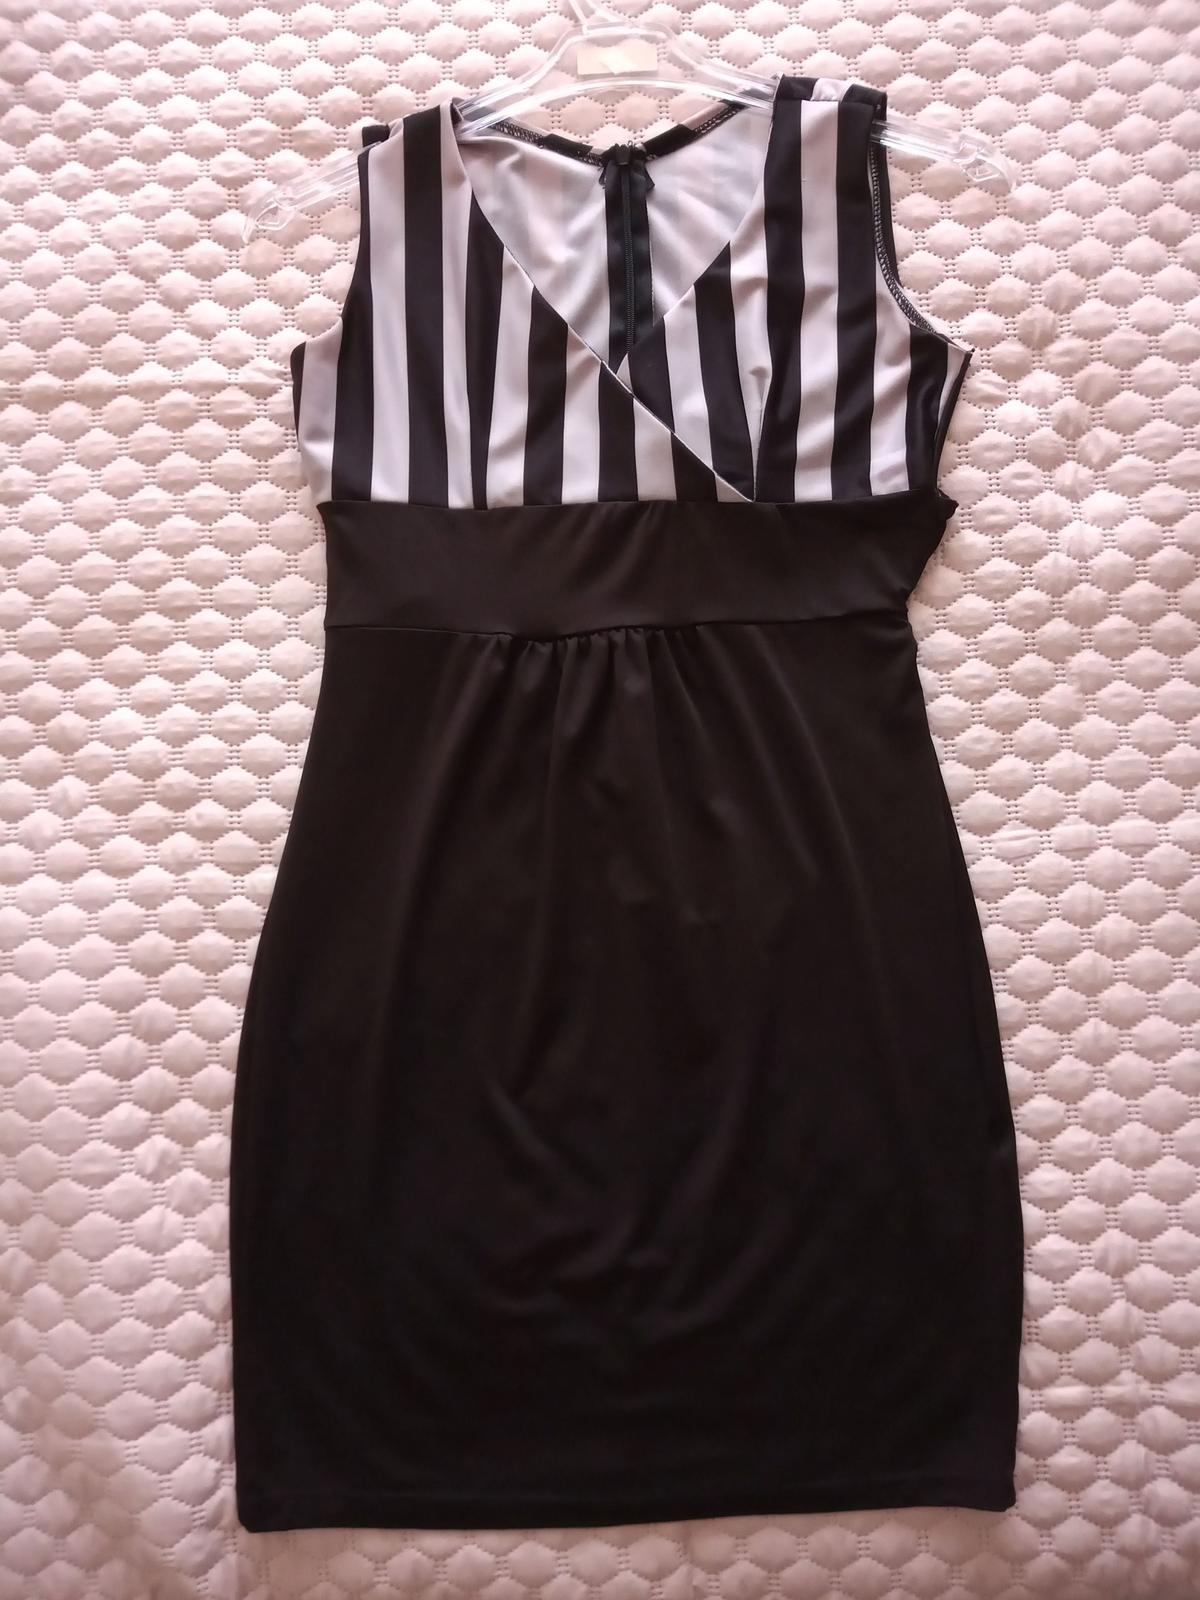 Čierne šaty veľkosť XS / S - Obrázok č. 1